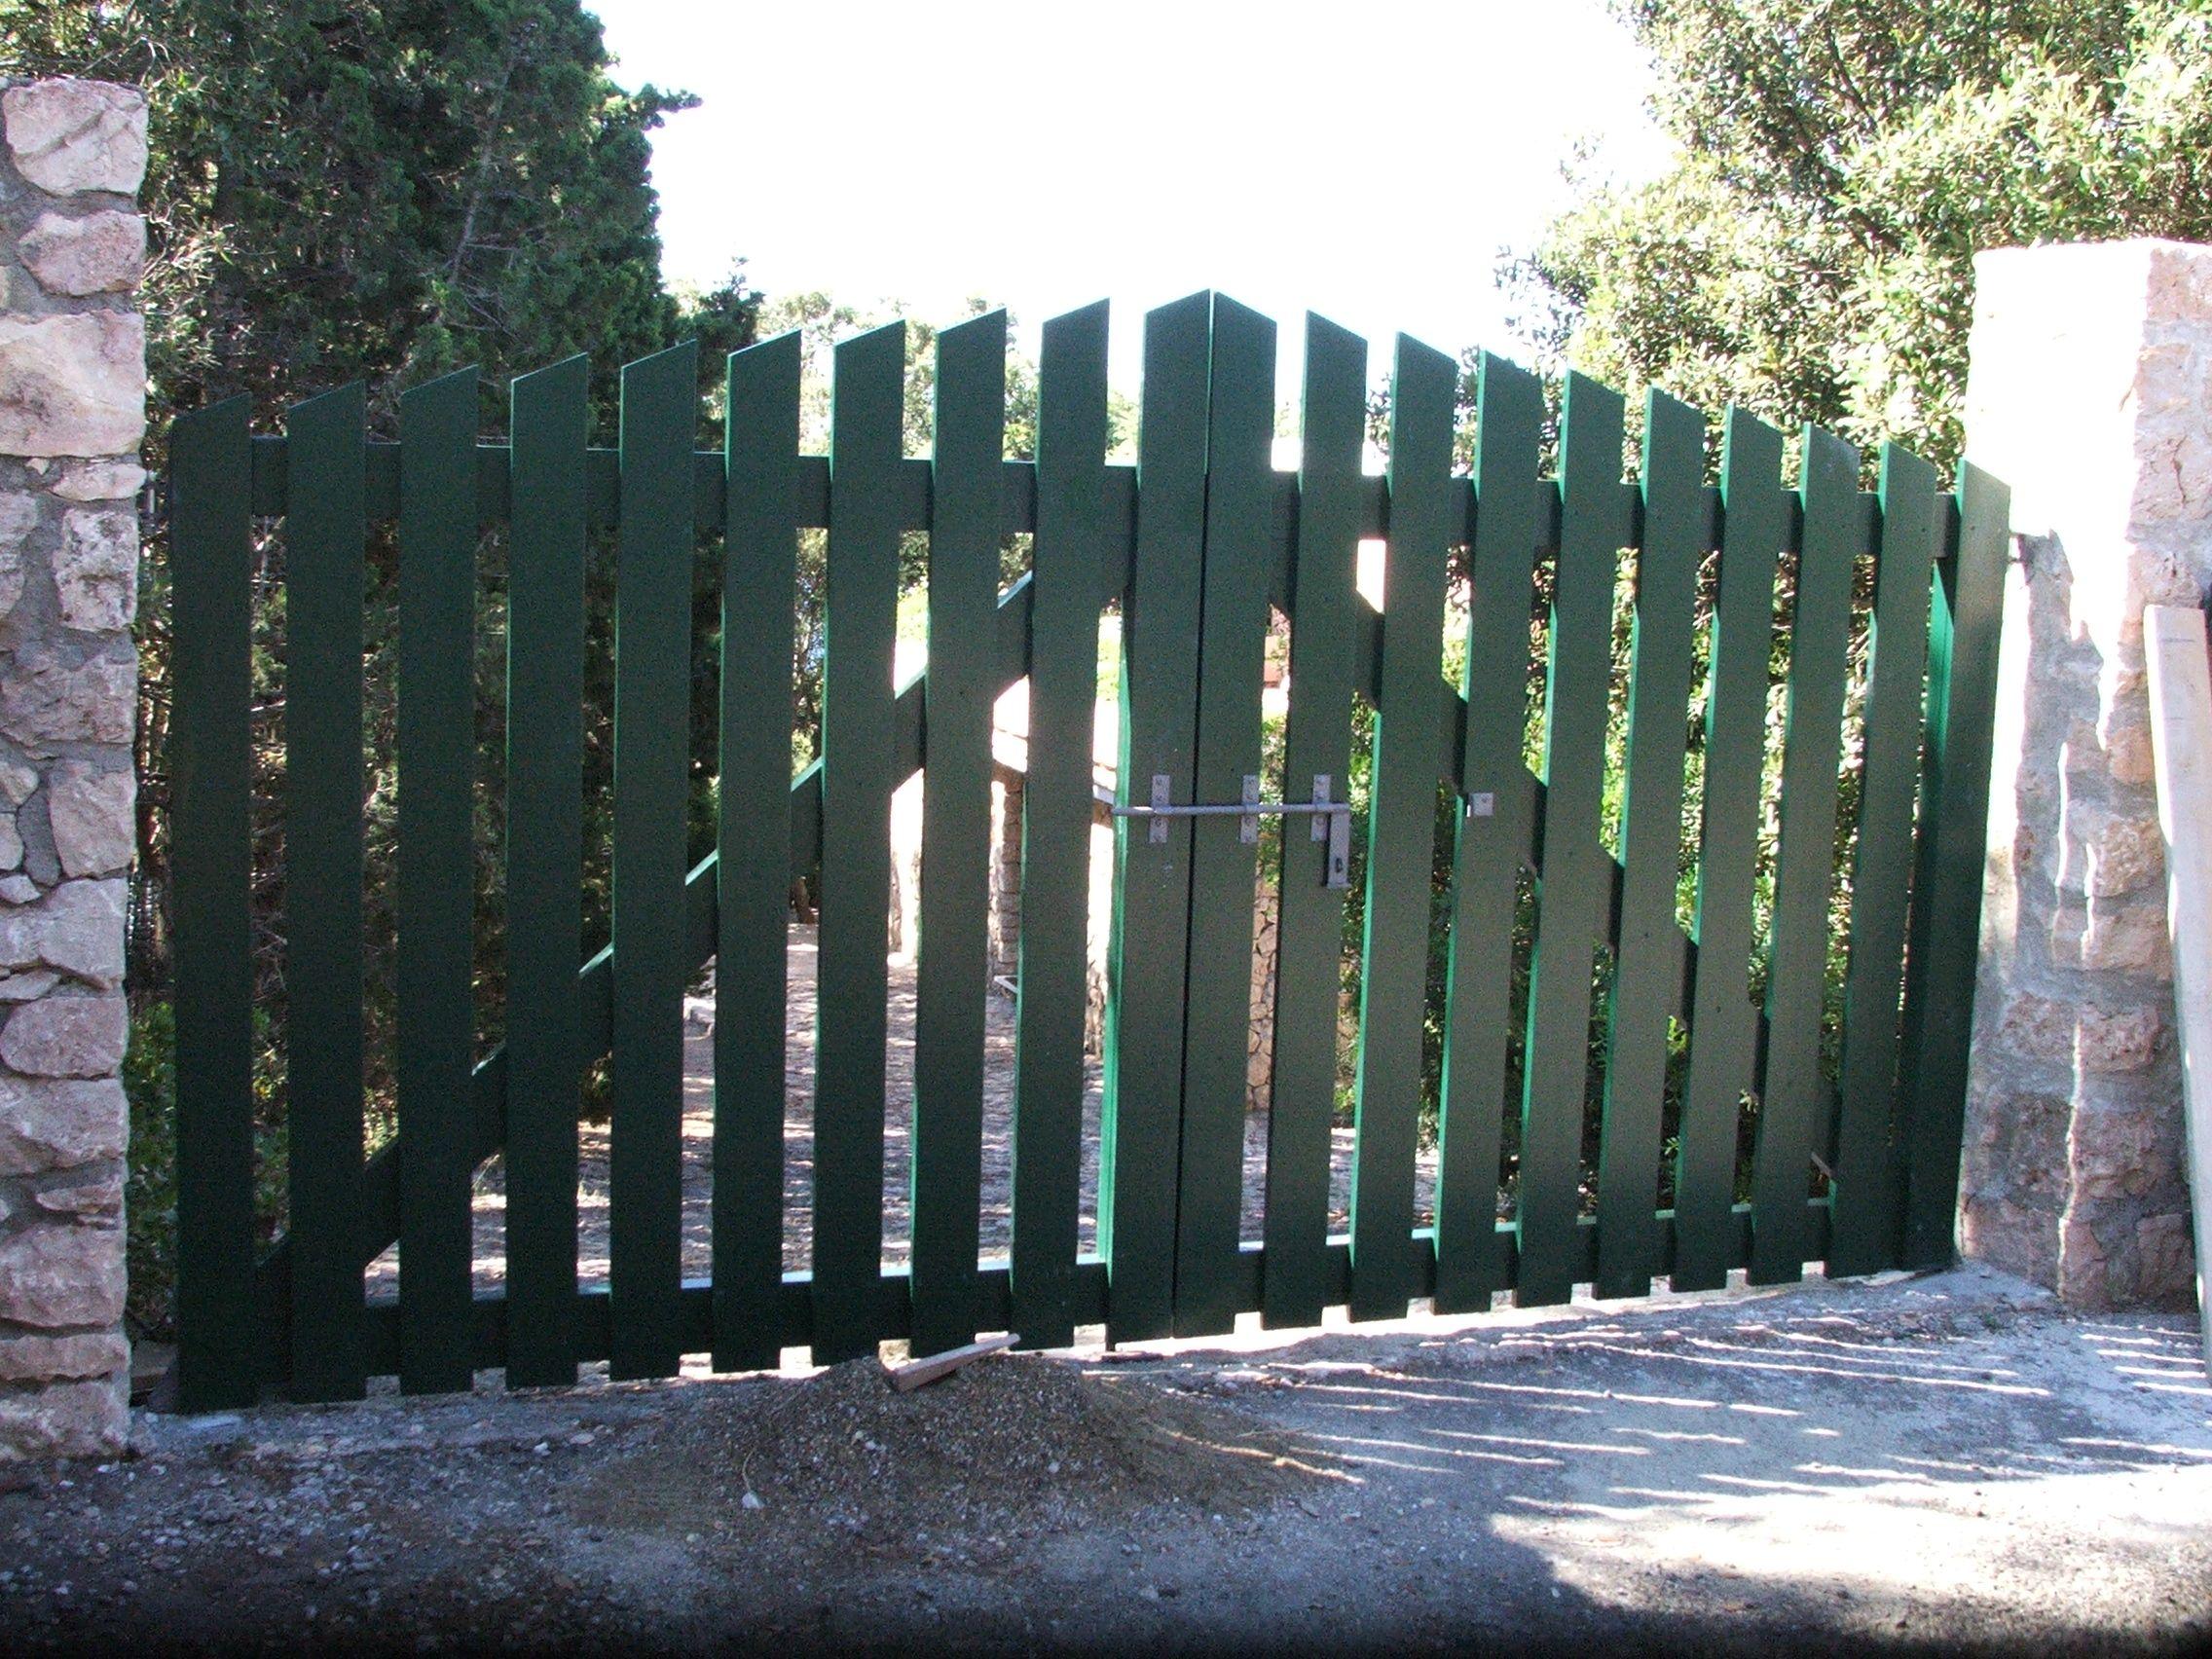 Cancello In Legno Verniciato Di Colore Verde Cancelli Da